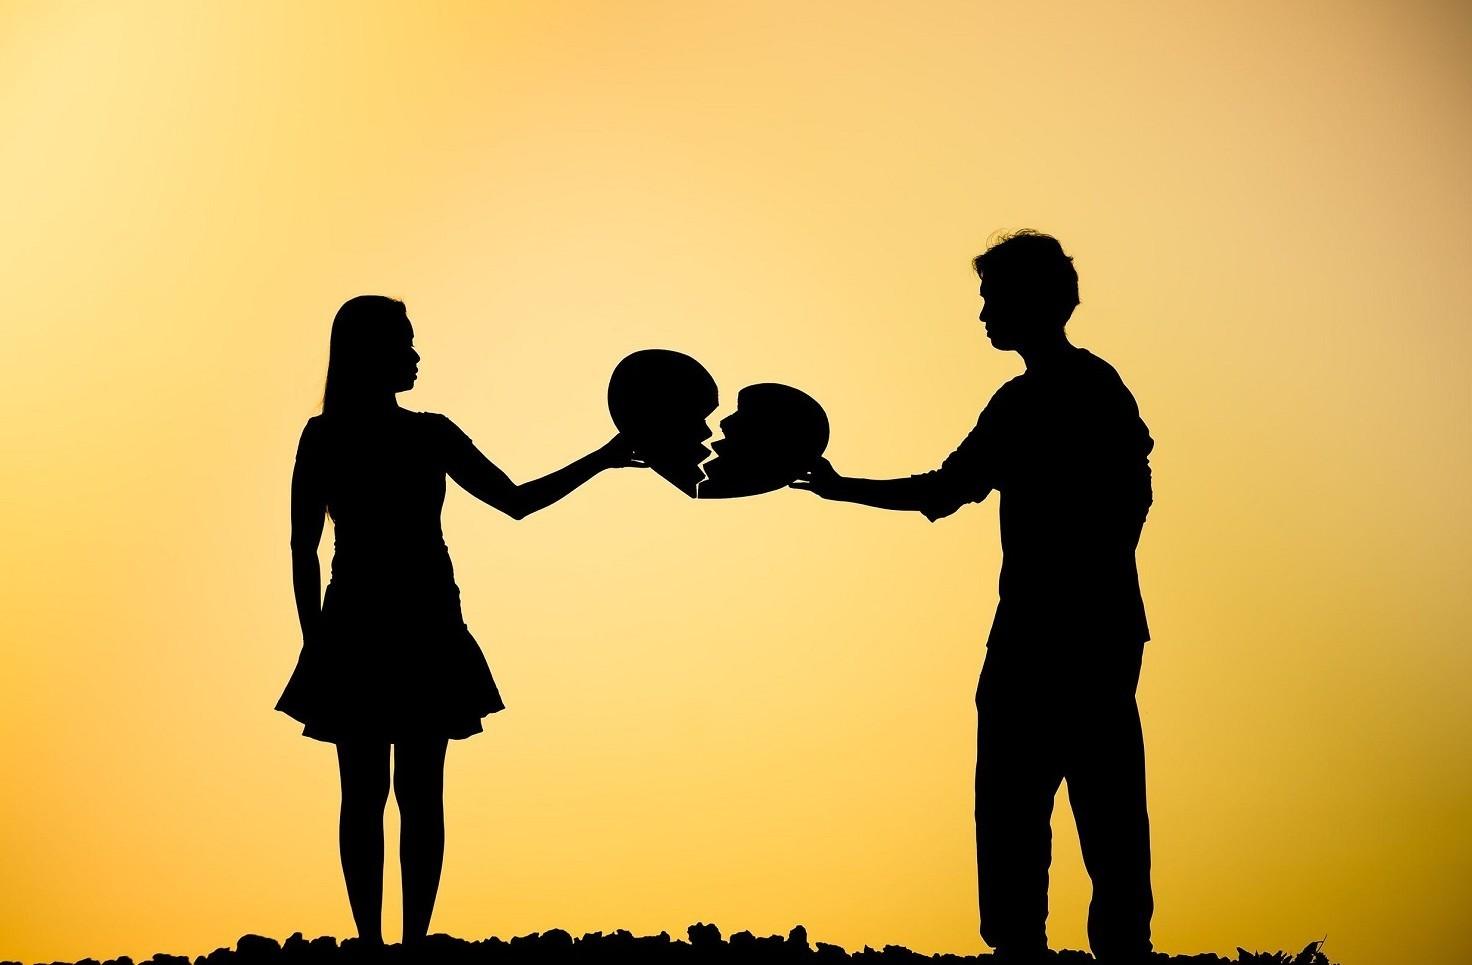 Assegno mantenimento moglie 2020 quando si può richiedere la revisione importo. I casi aggiornati